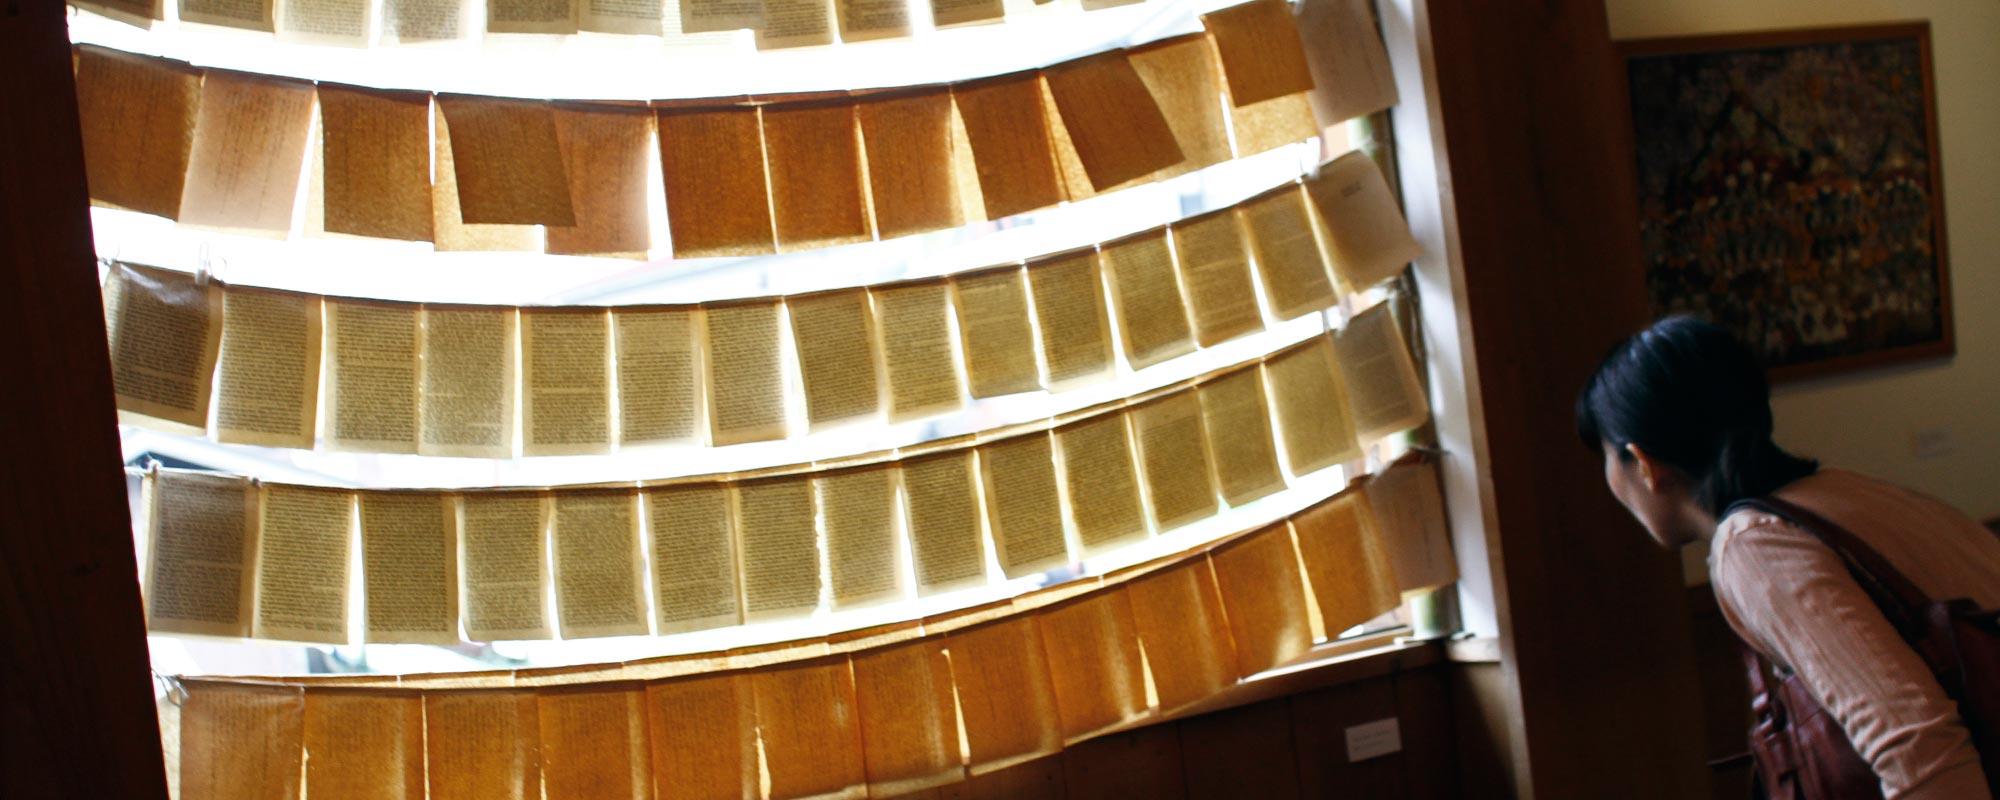 Brenda-Petayas-installation-japan-03